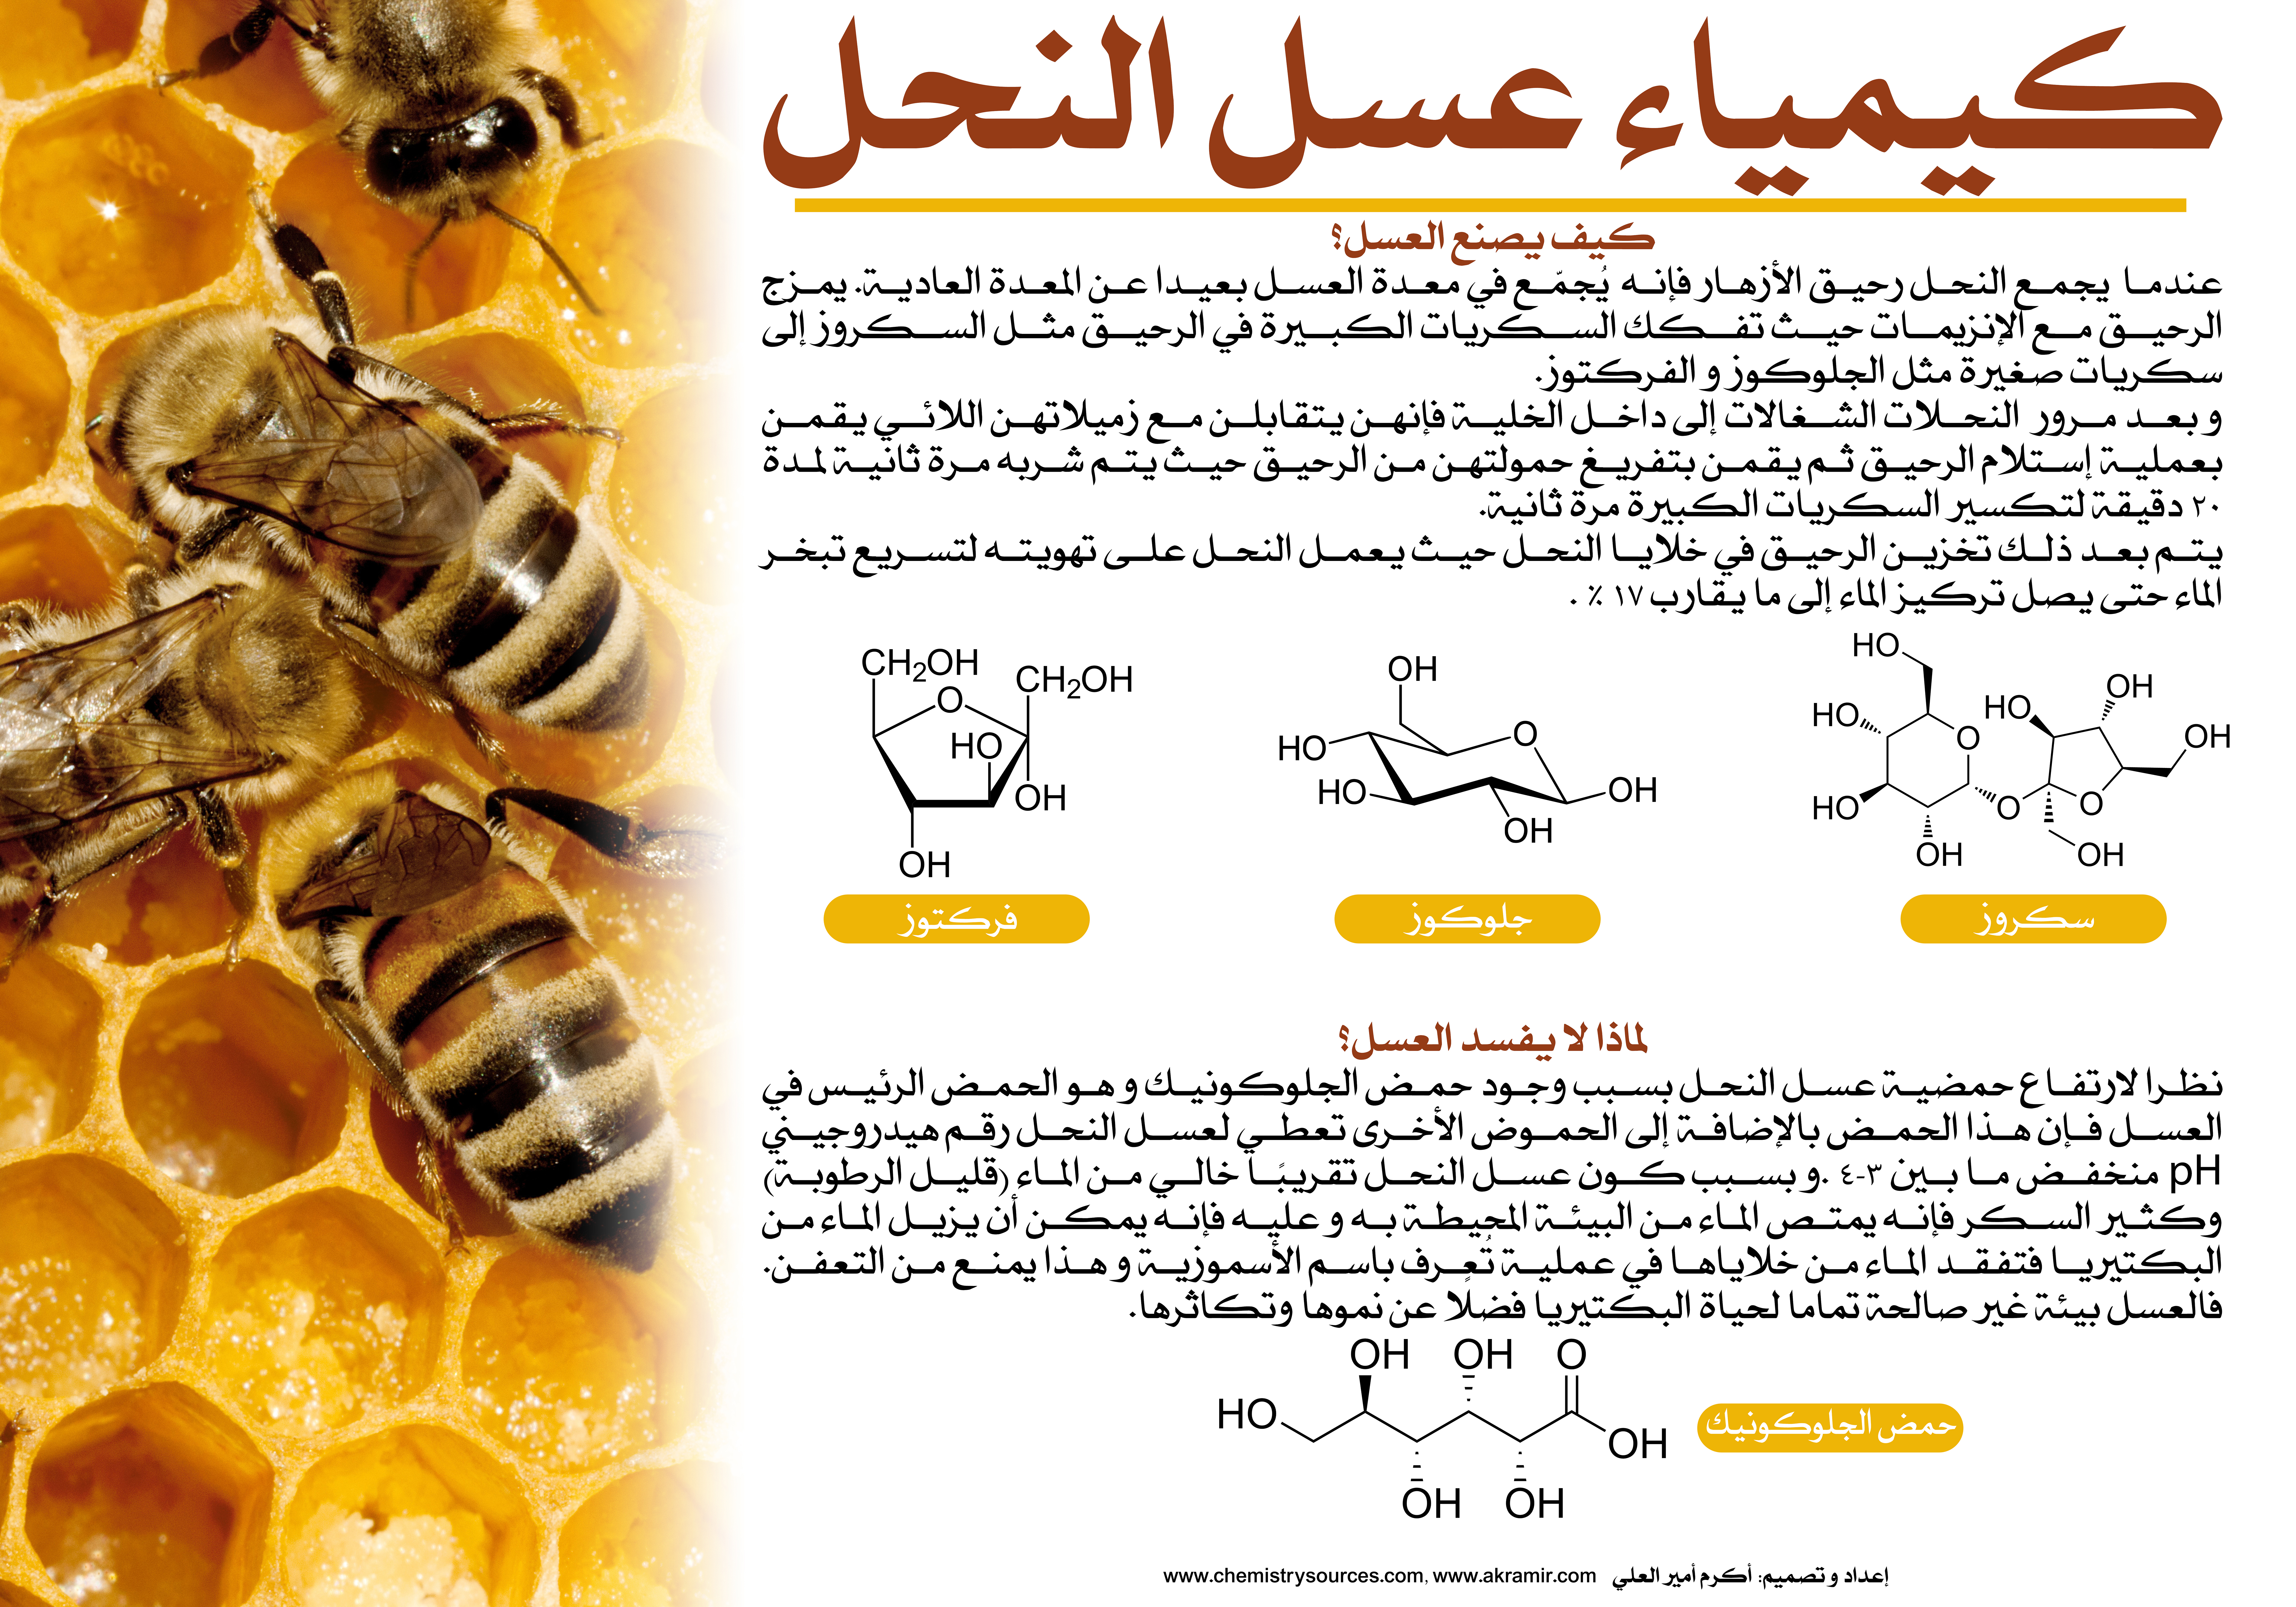 لوحات (بوسترات) كيميائية (8) -  كيمياء عسل النحل